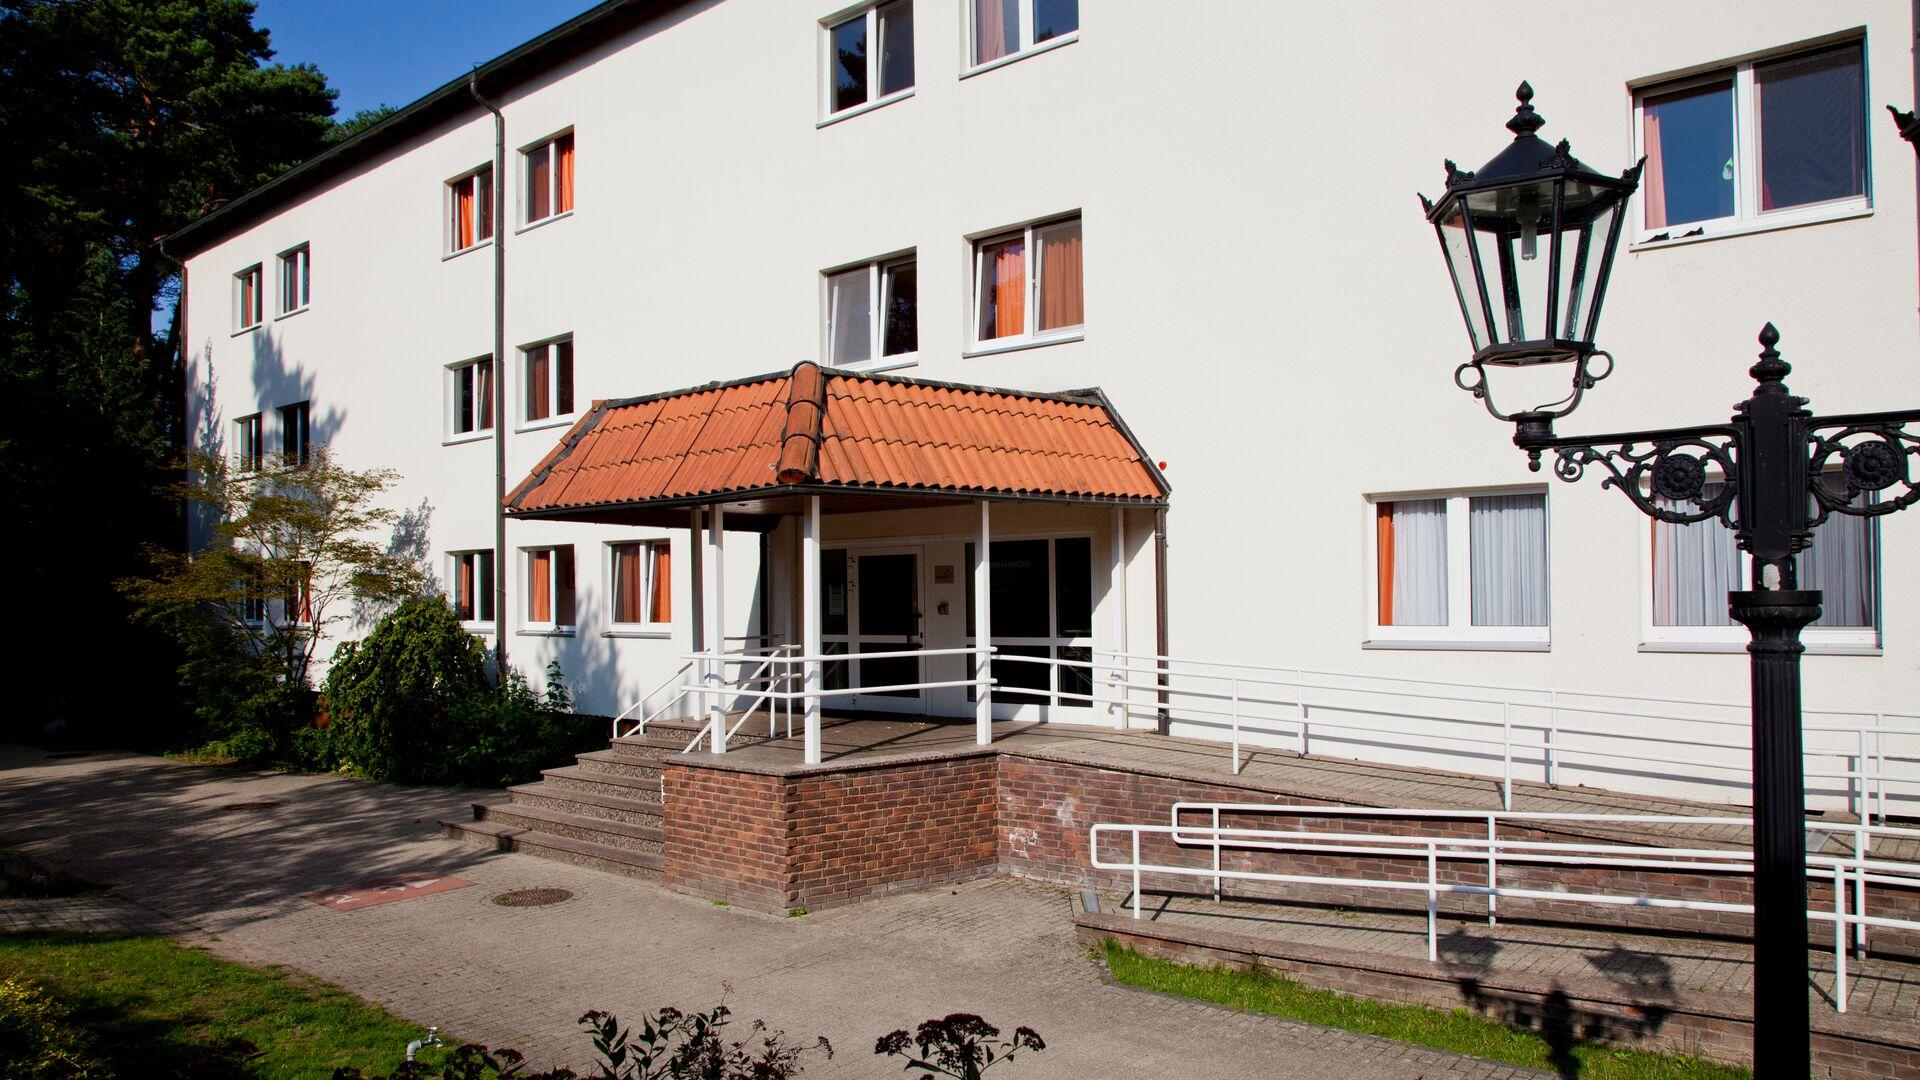 Sprachaufenthalt Deutschland, Berlin - GLS Berlin Watersports - Schule